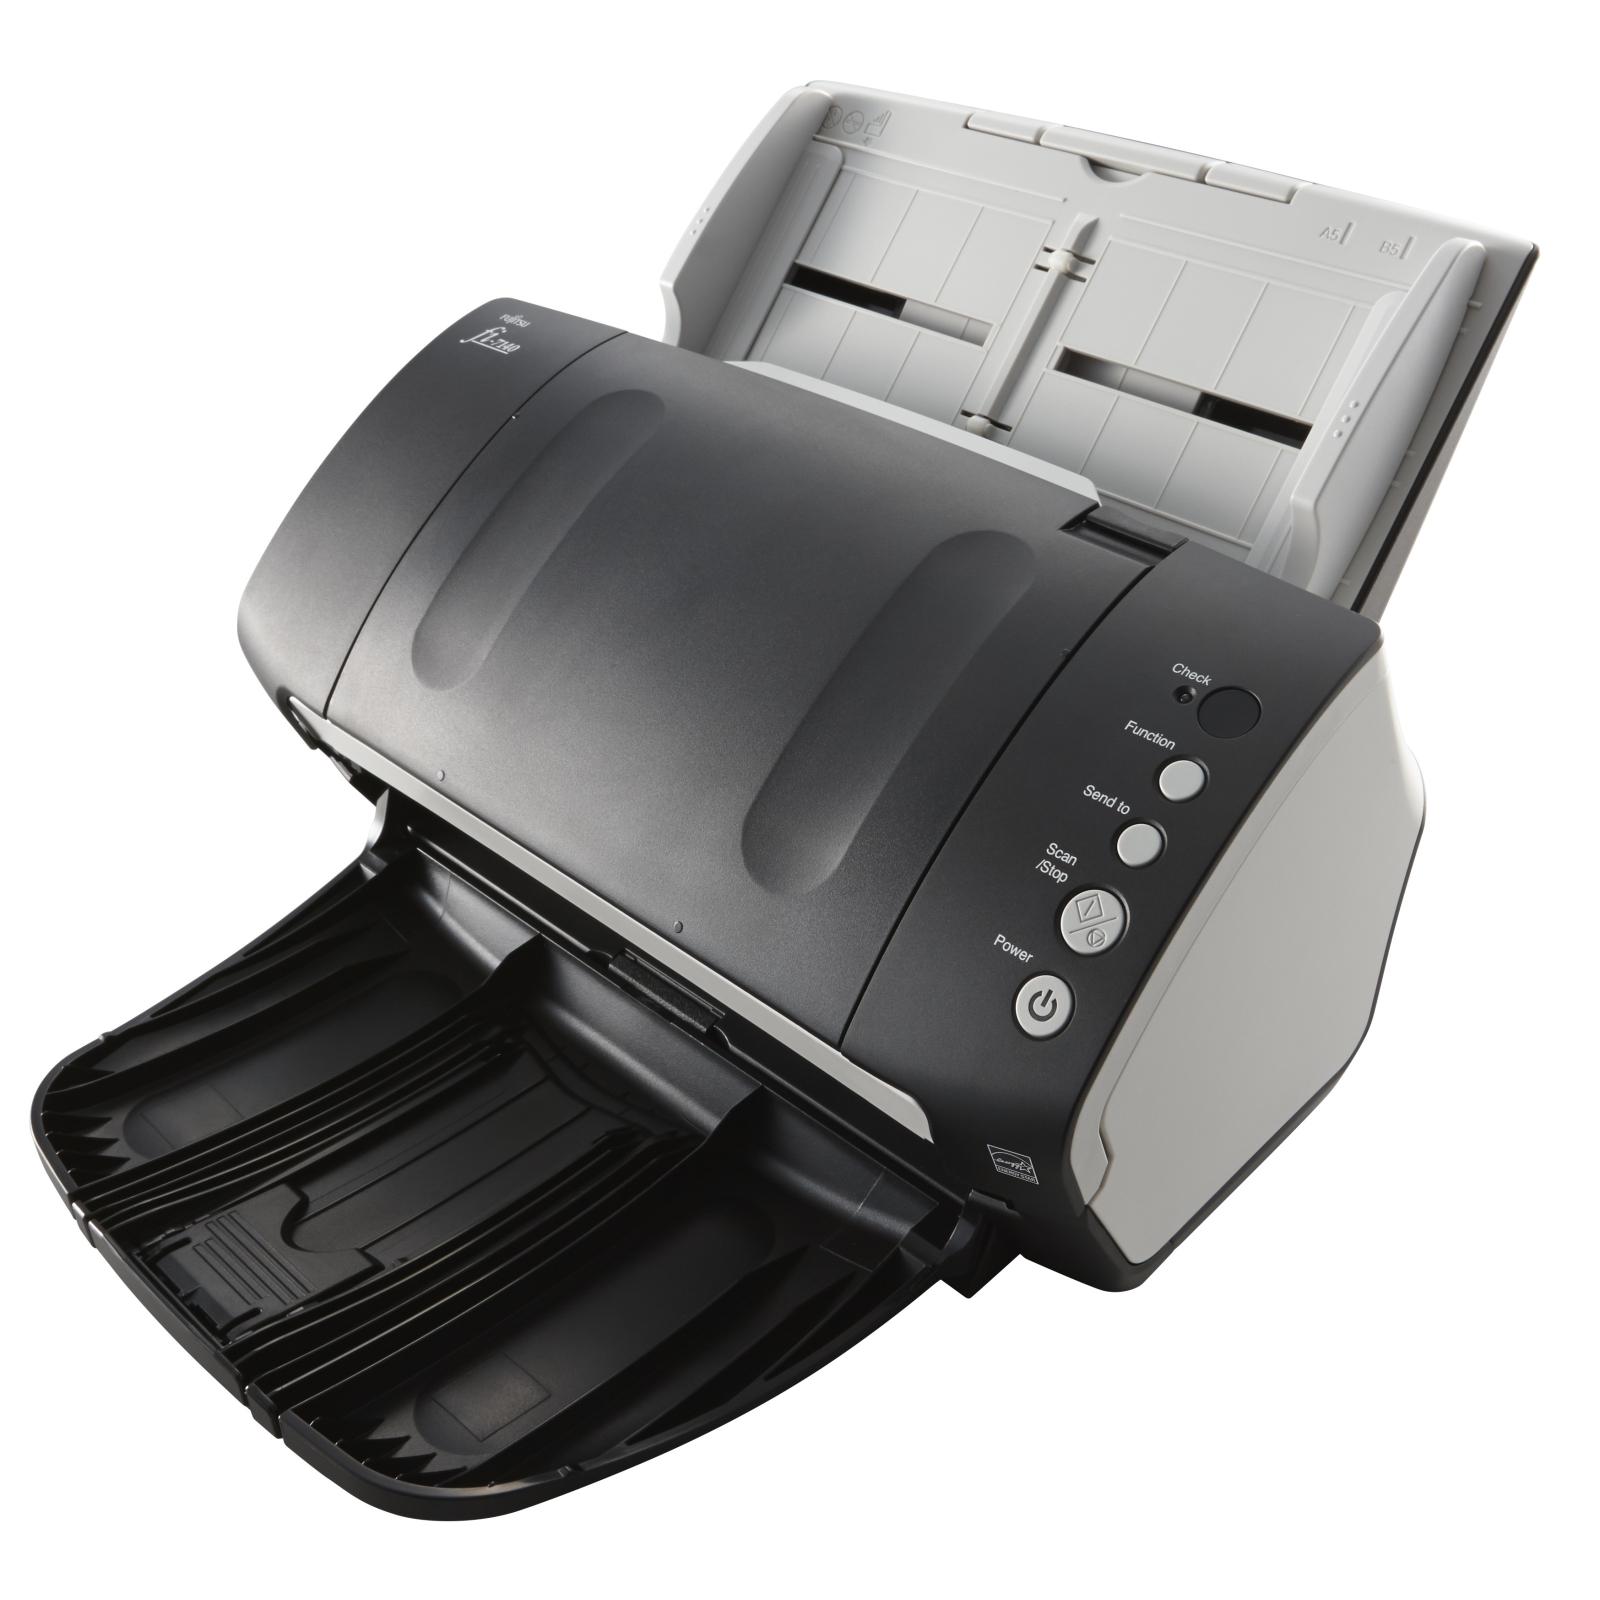 Сканер Fujitsu fi-7140 (PA03670-B101) изображение 2